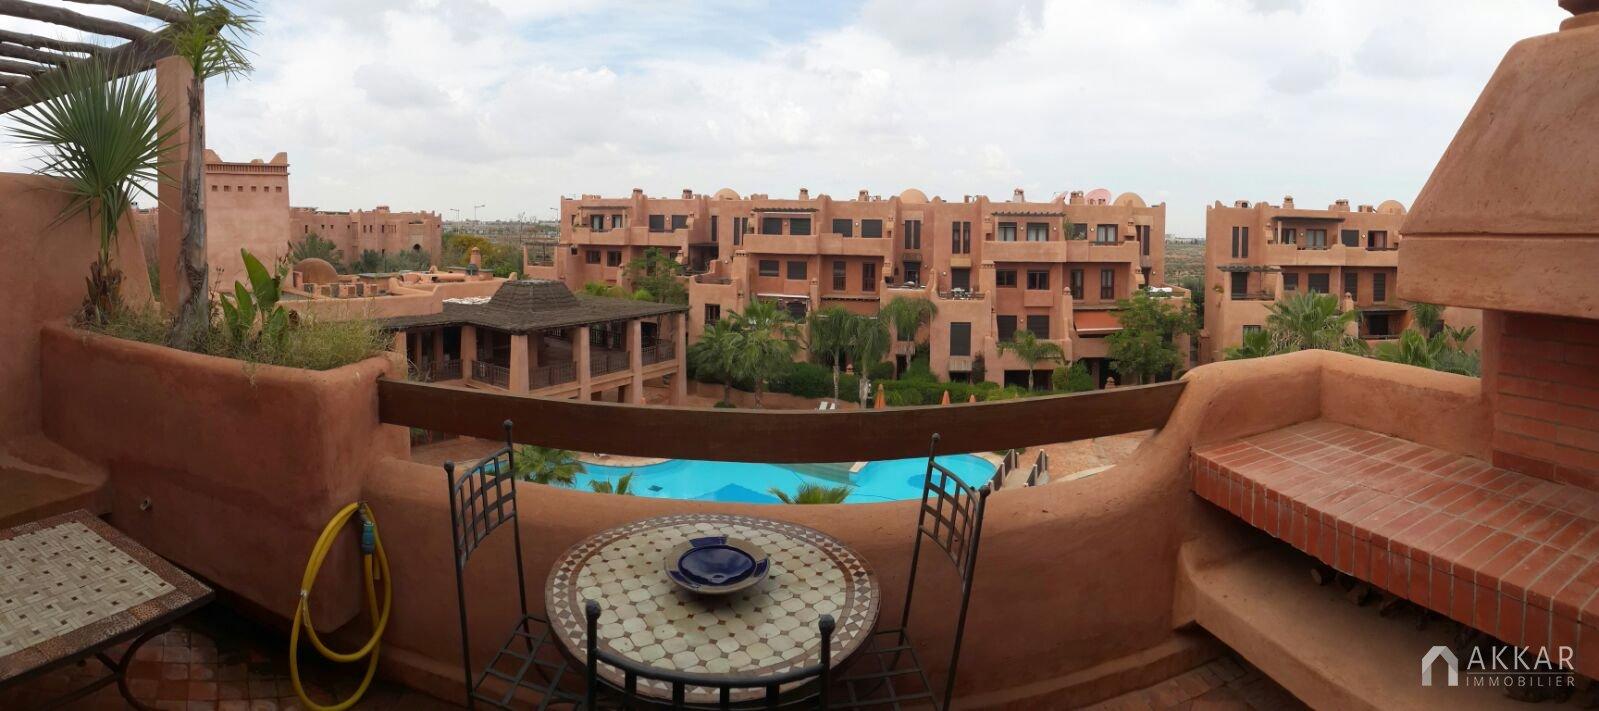 Vente appartement marrakech appartement moderne avec for Vente appartement avec terrasse